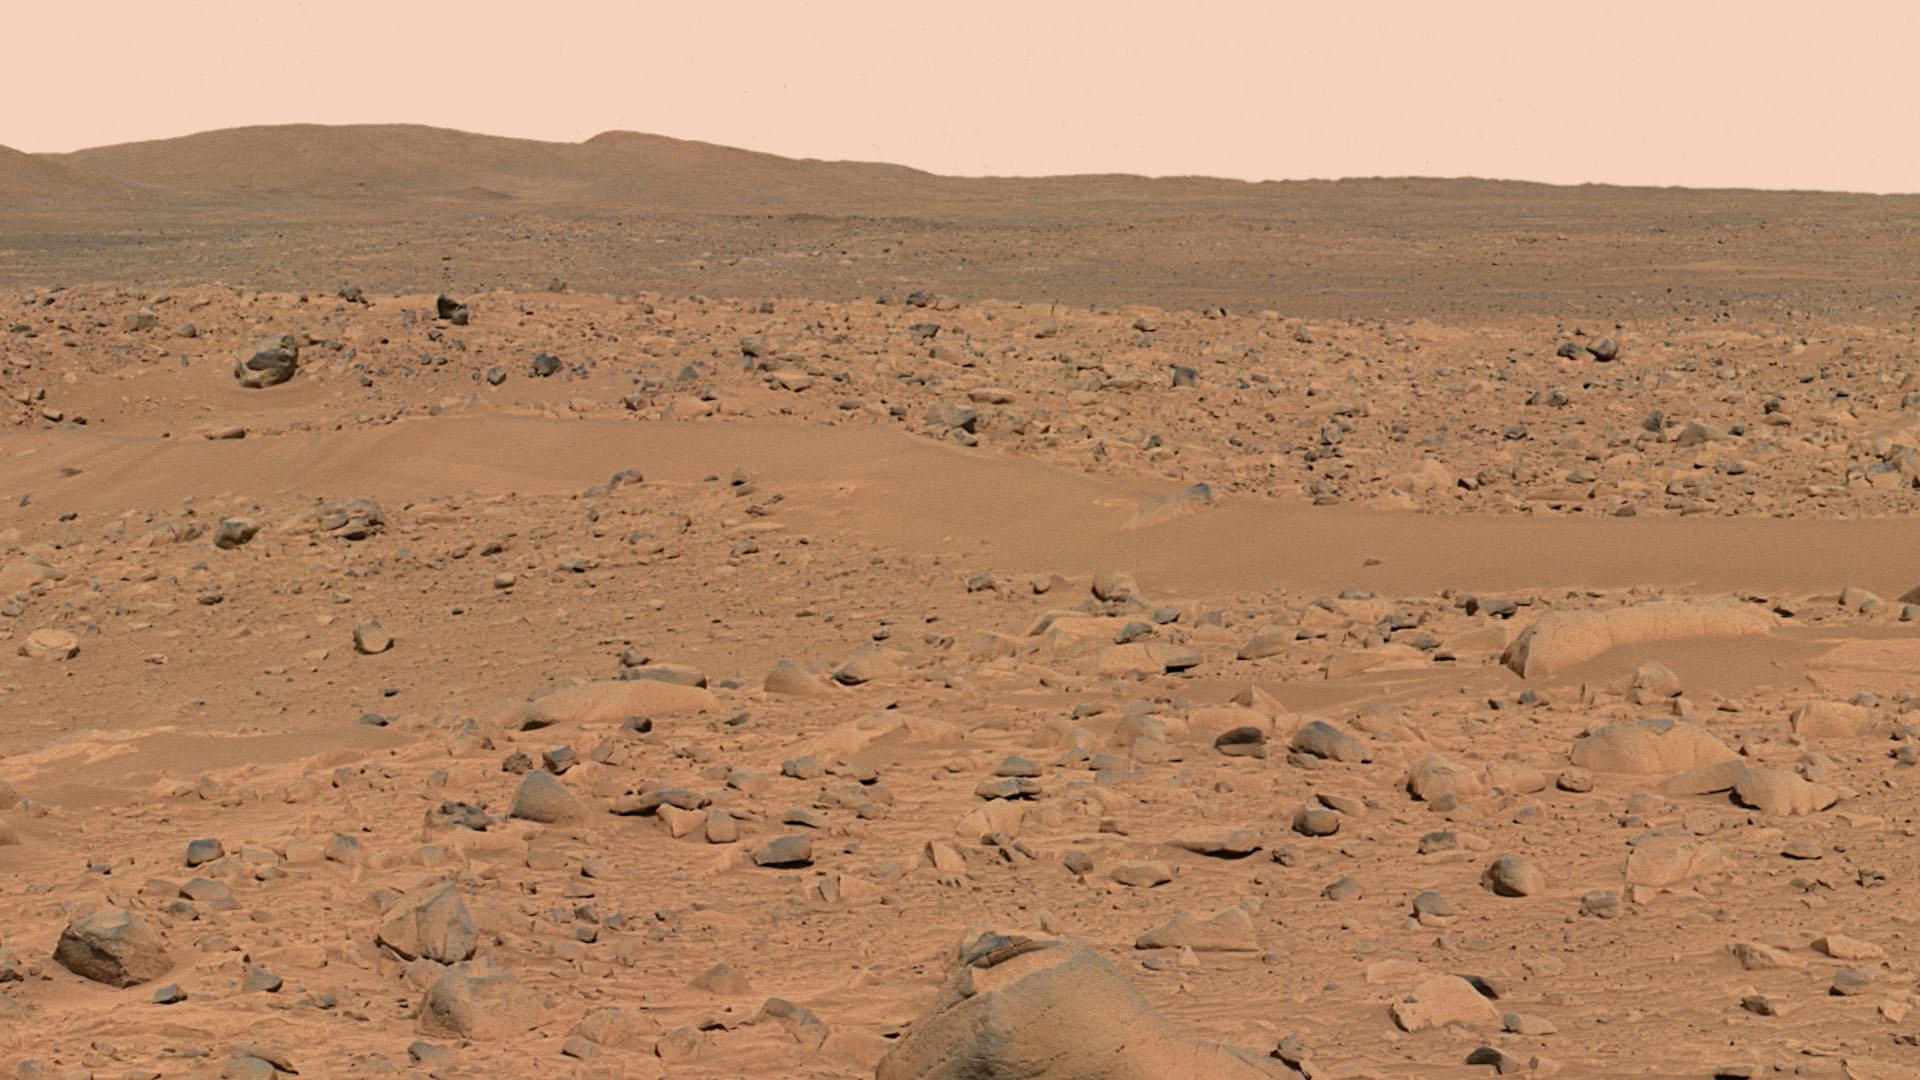 Mars Jplnasagov Mer Gallery Press Spirit 20040318a 10 JG 04 Hills A074R1